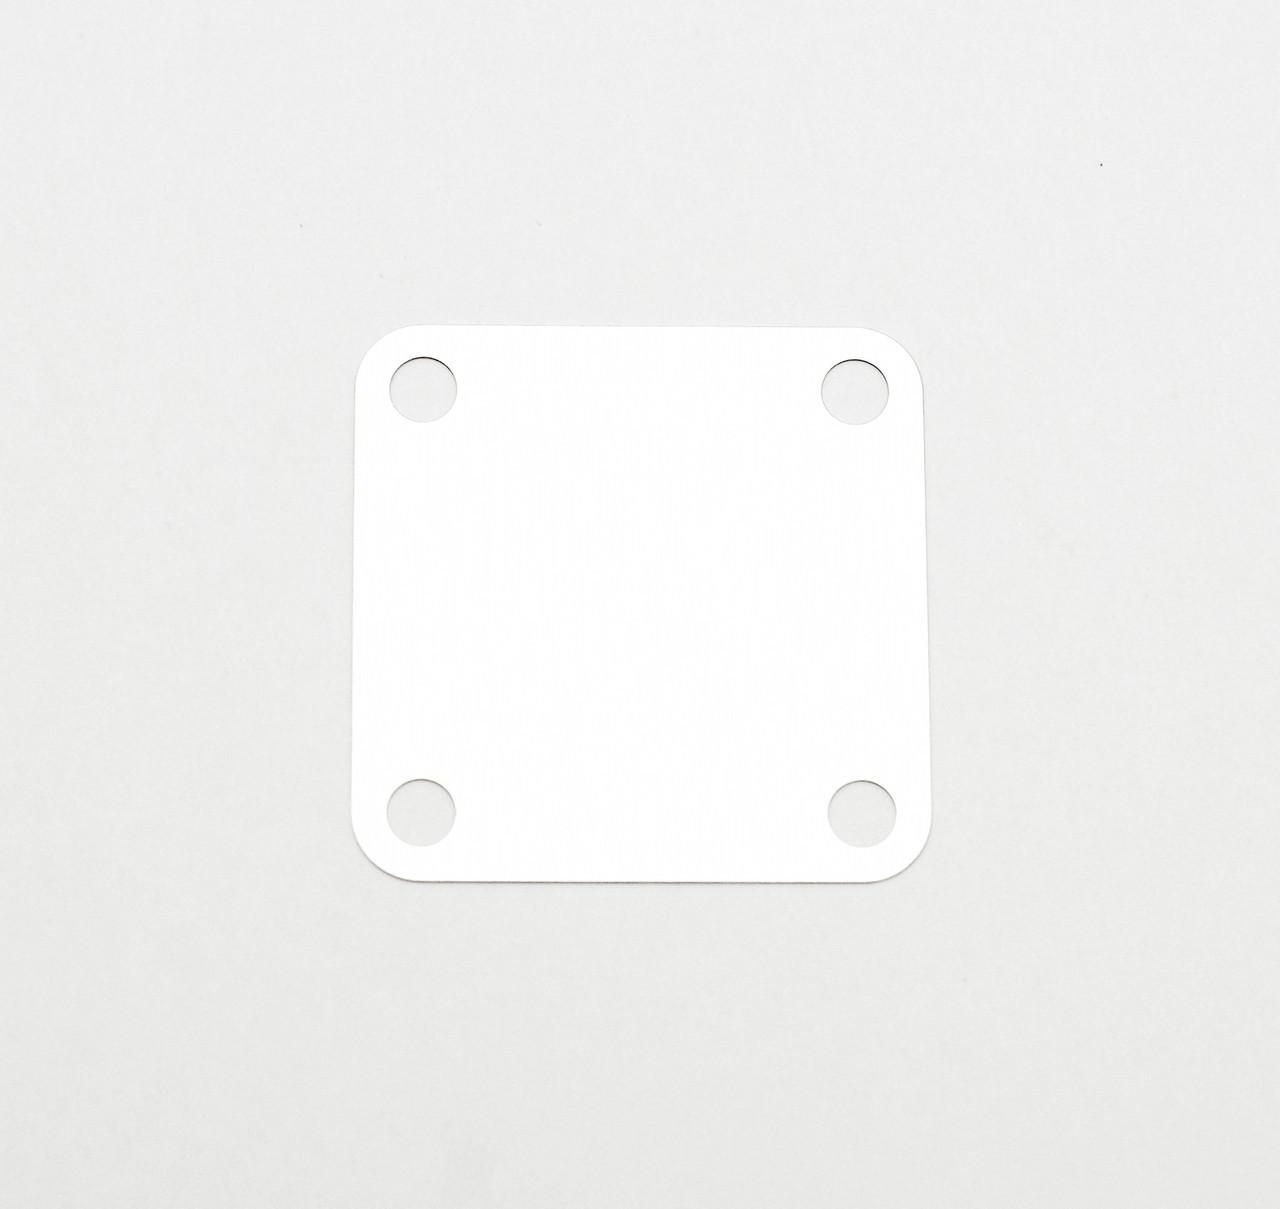 Крышка клапана отсечки топлива Cummins N Series 129839